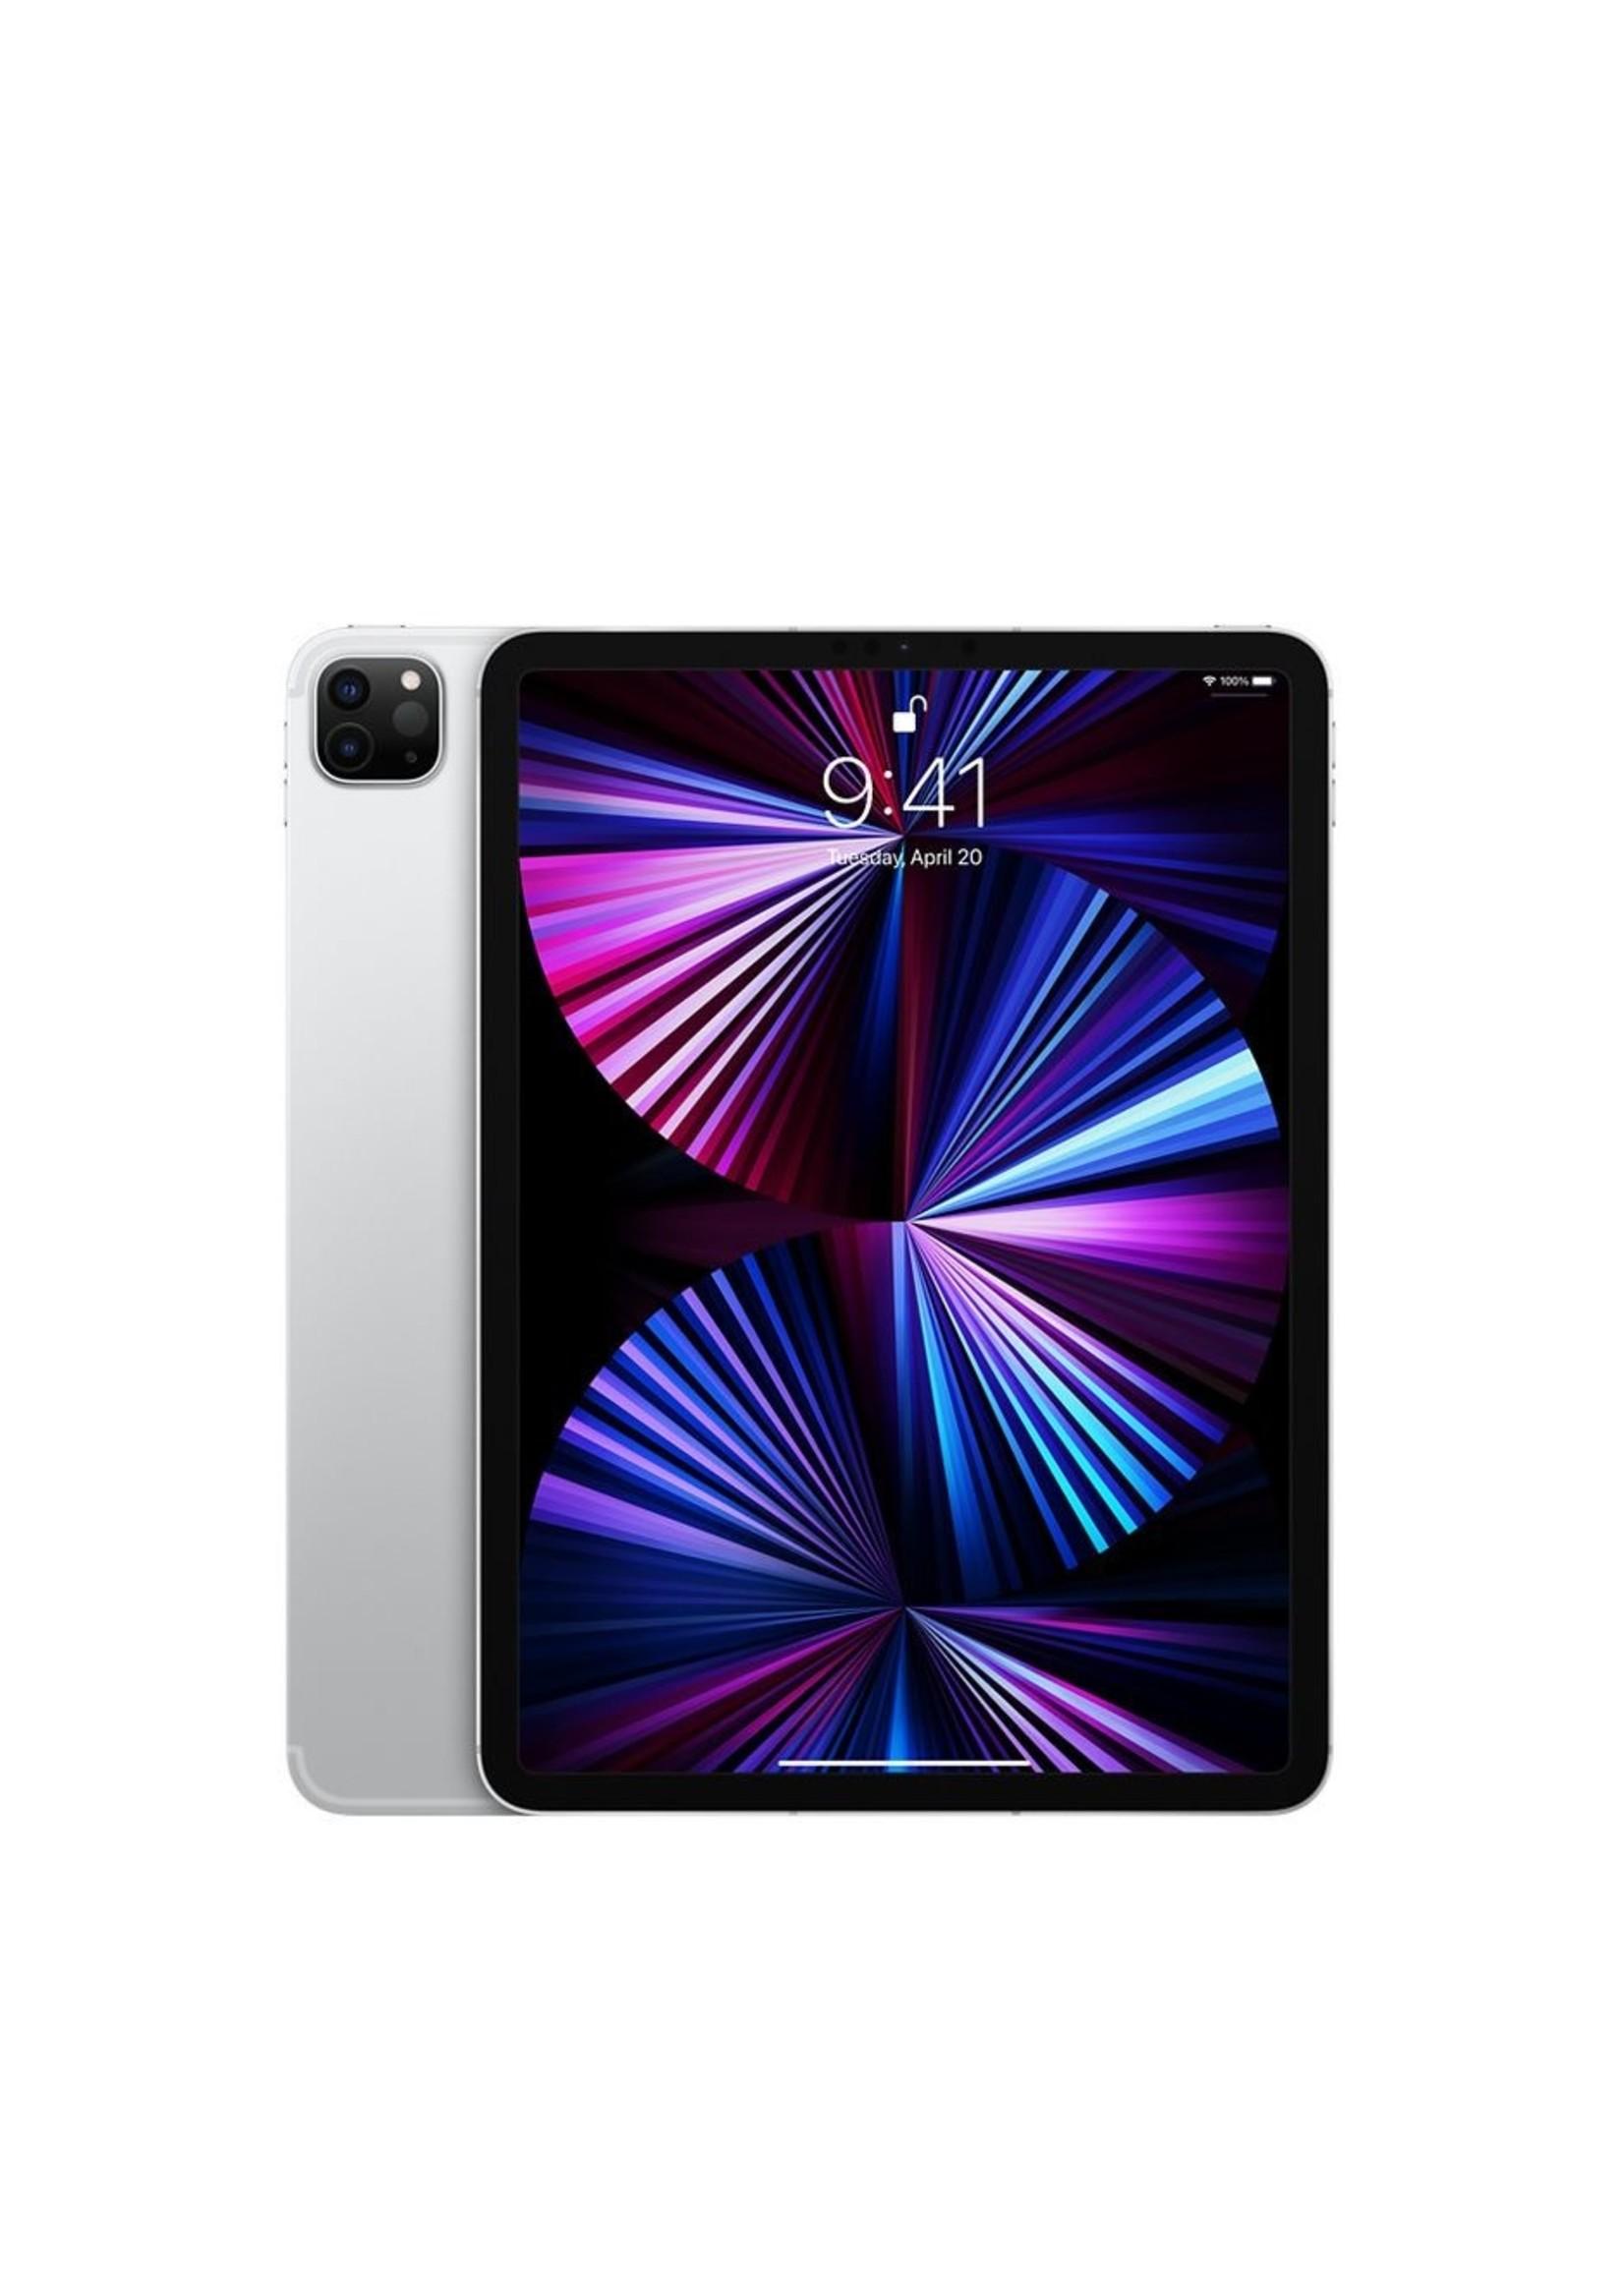 Apple iPad Pro 11-inch Wi-Fi 128GB Silver